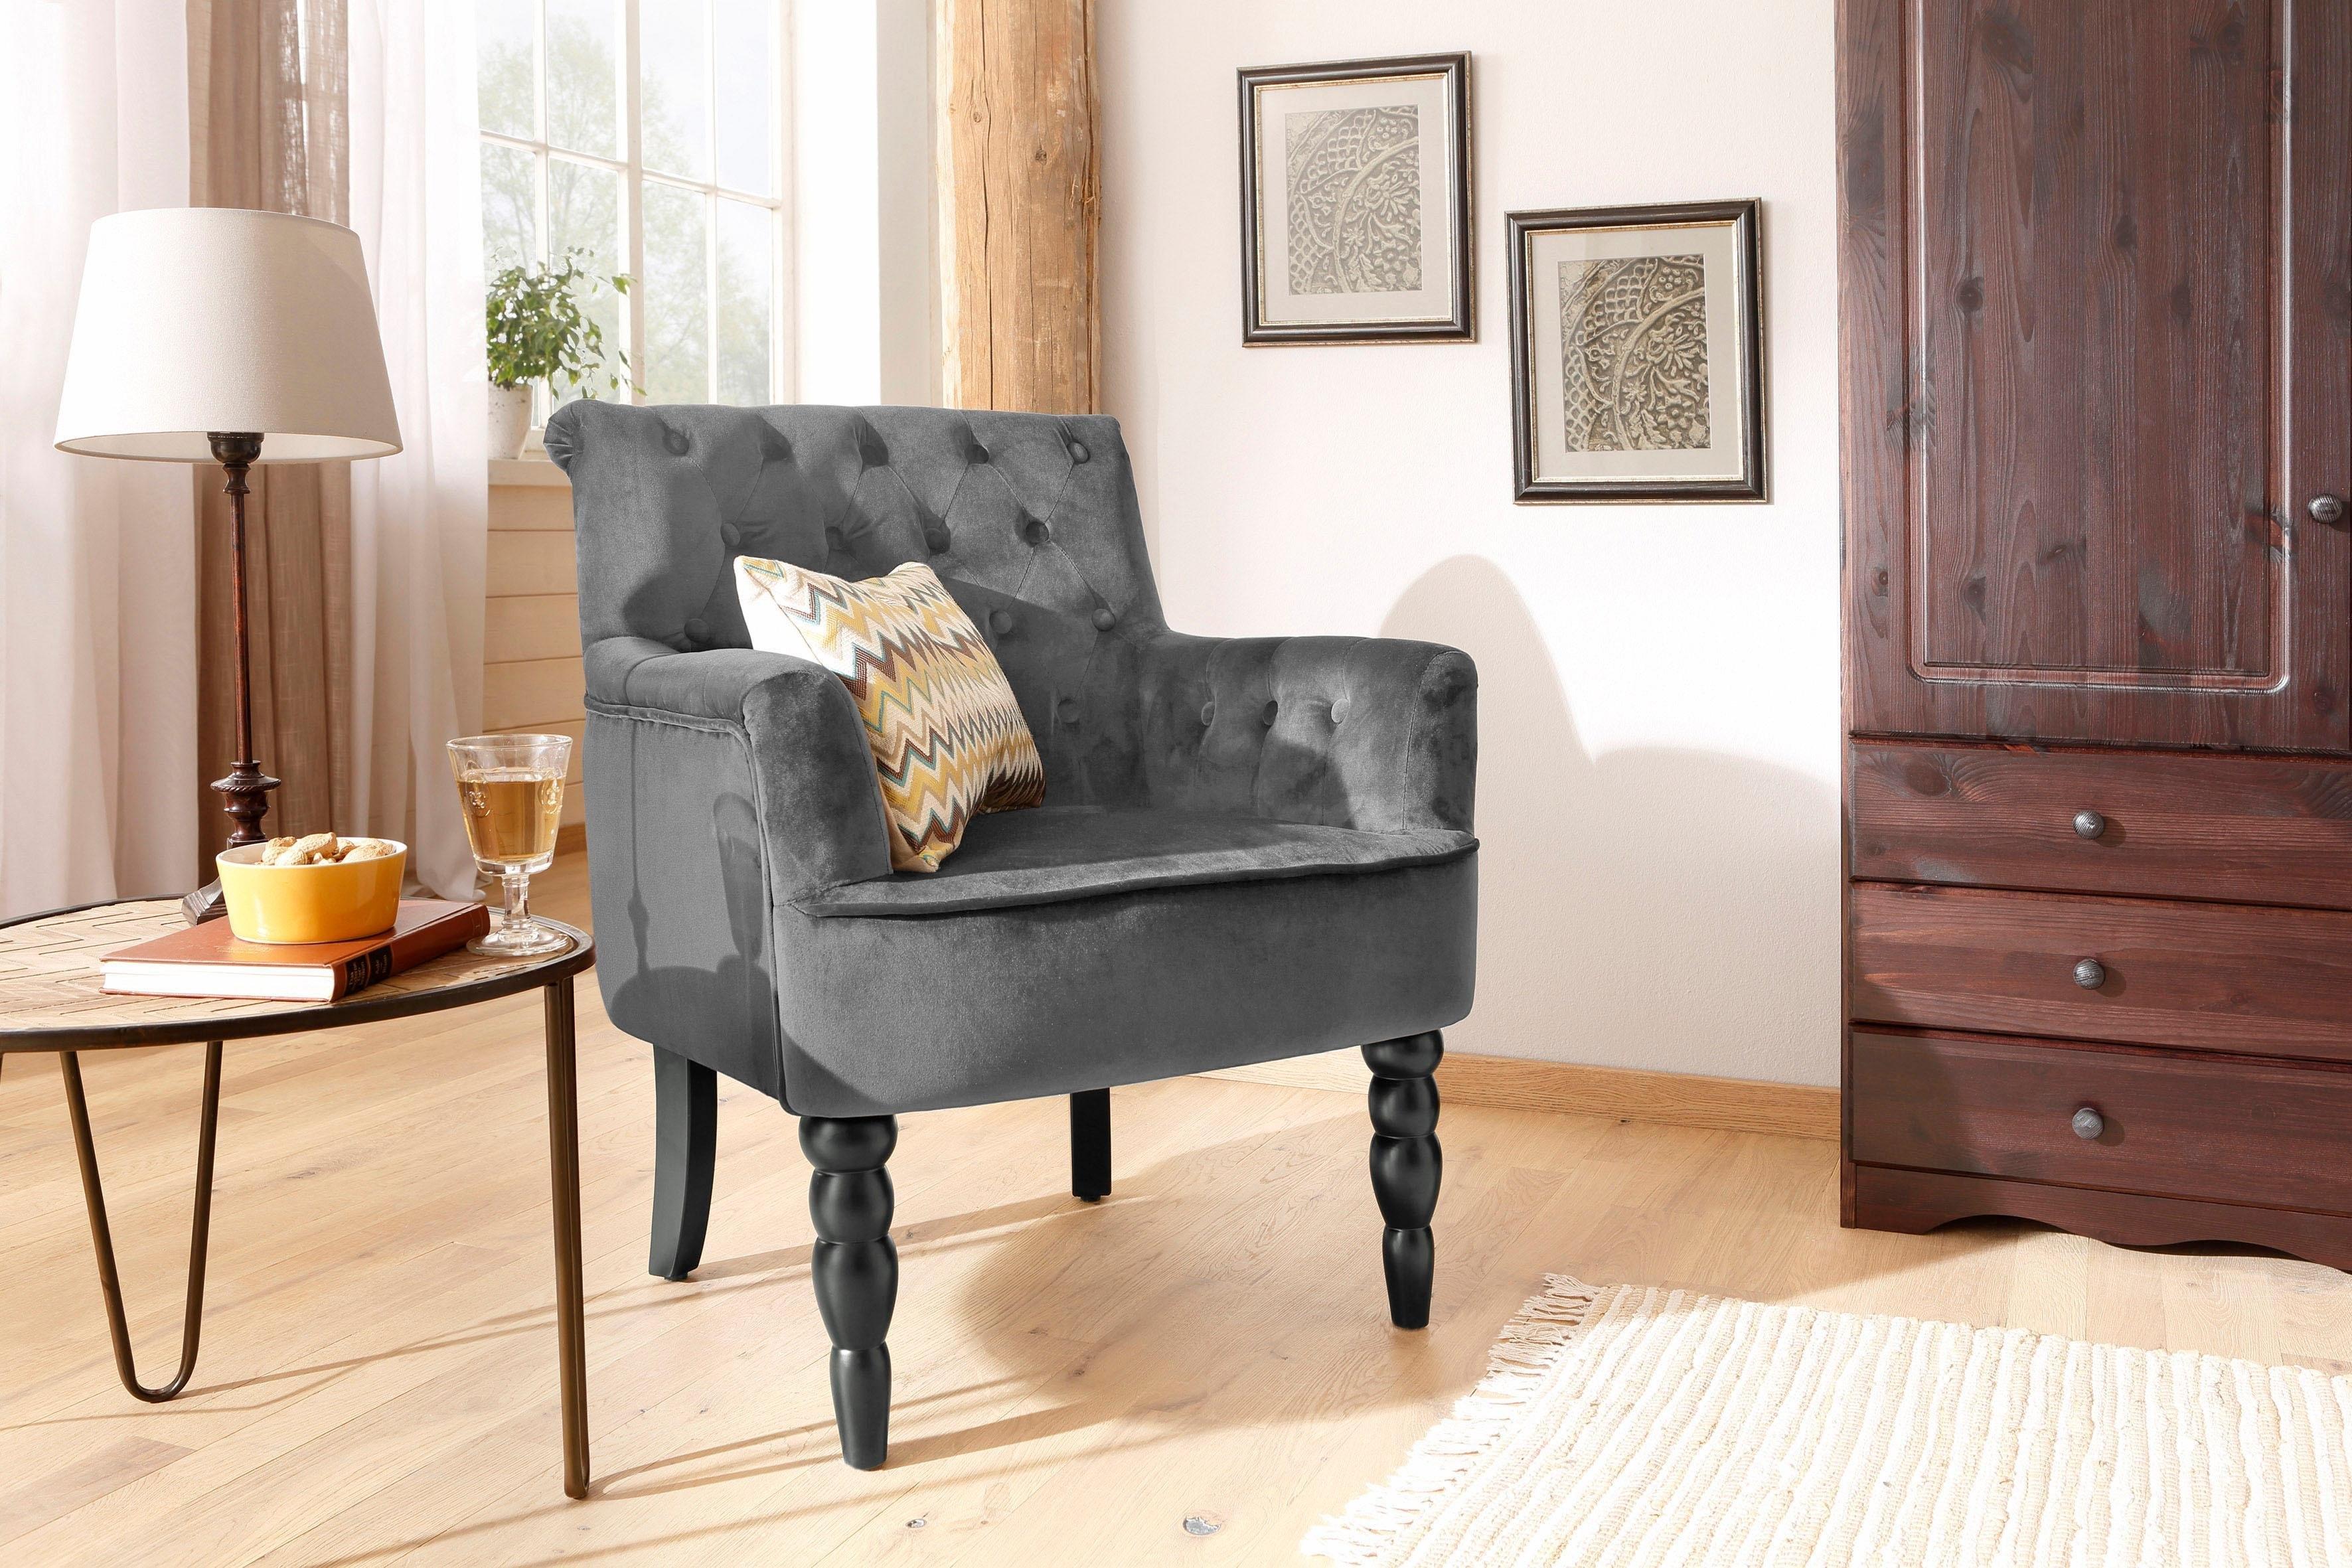 Home Affaire fauteuil »Alexia«, met gedraaide poten voor en capitonnage achter - verschillende betaalmethodes